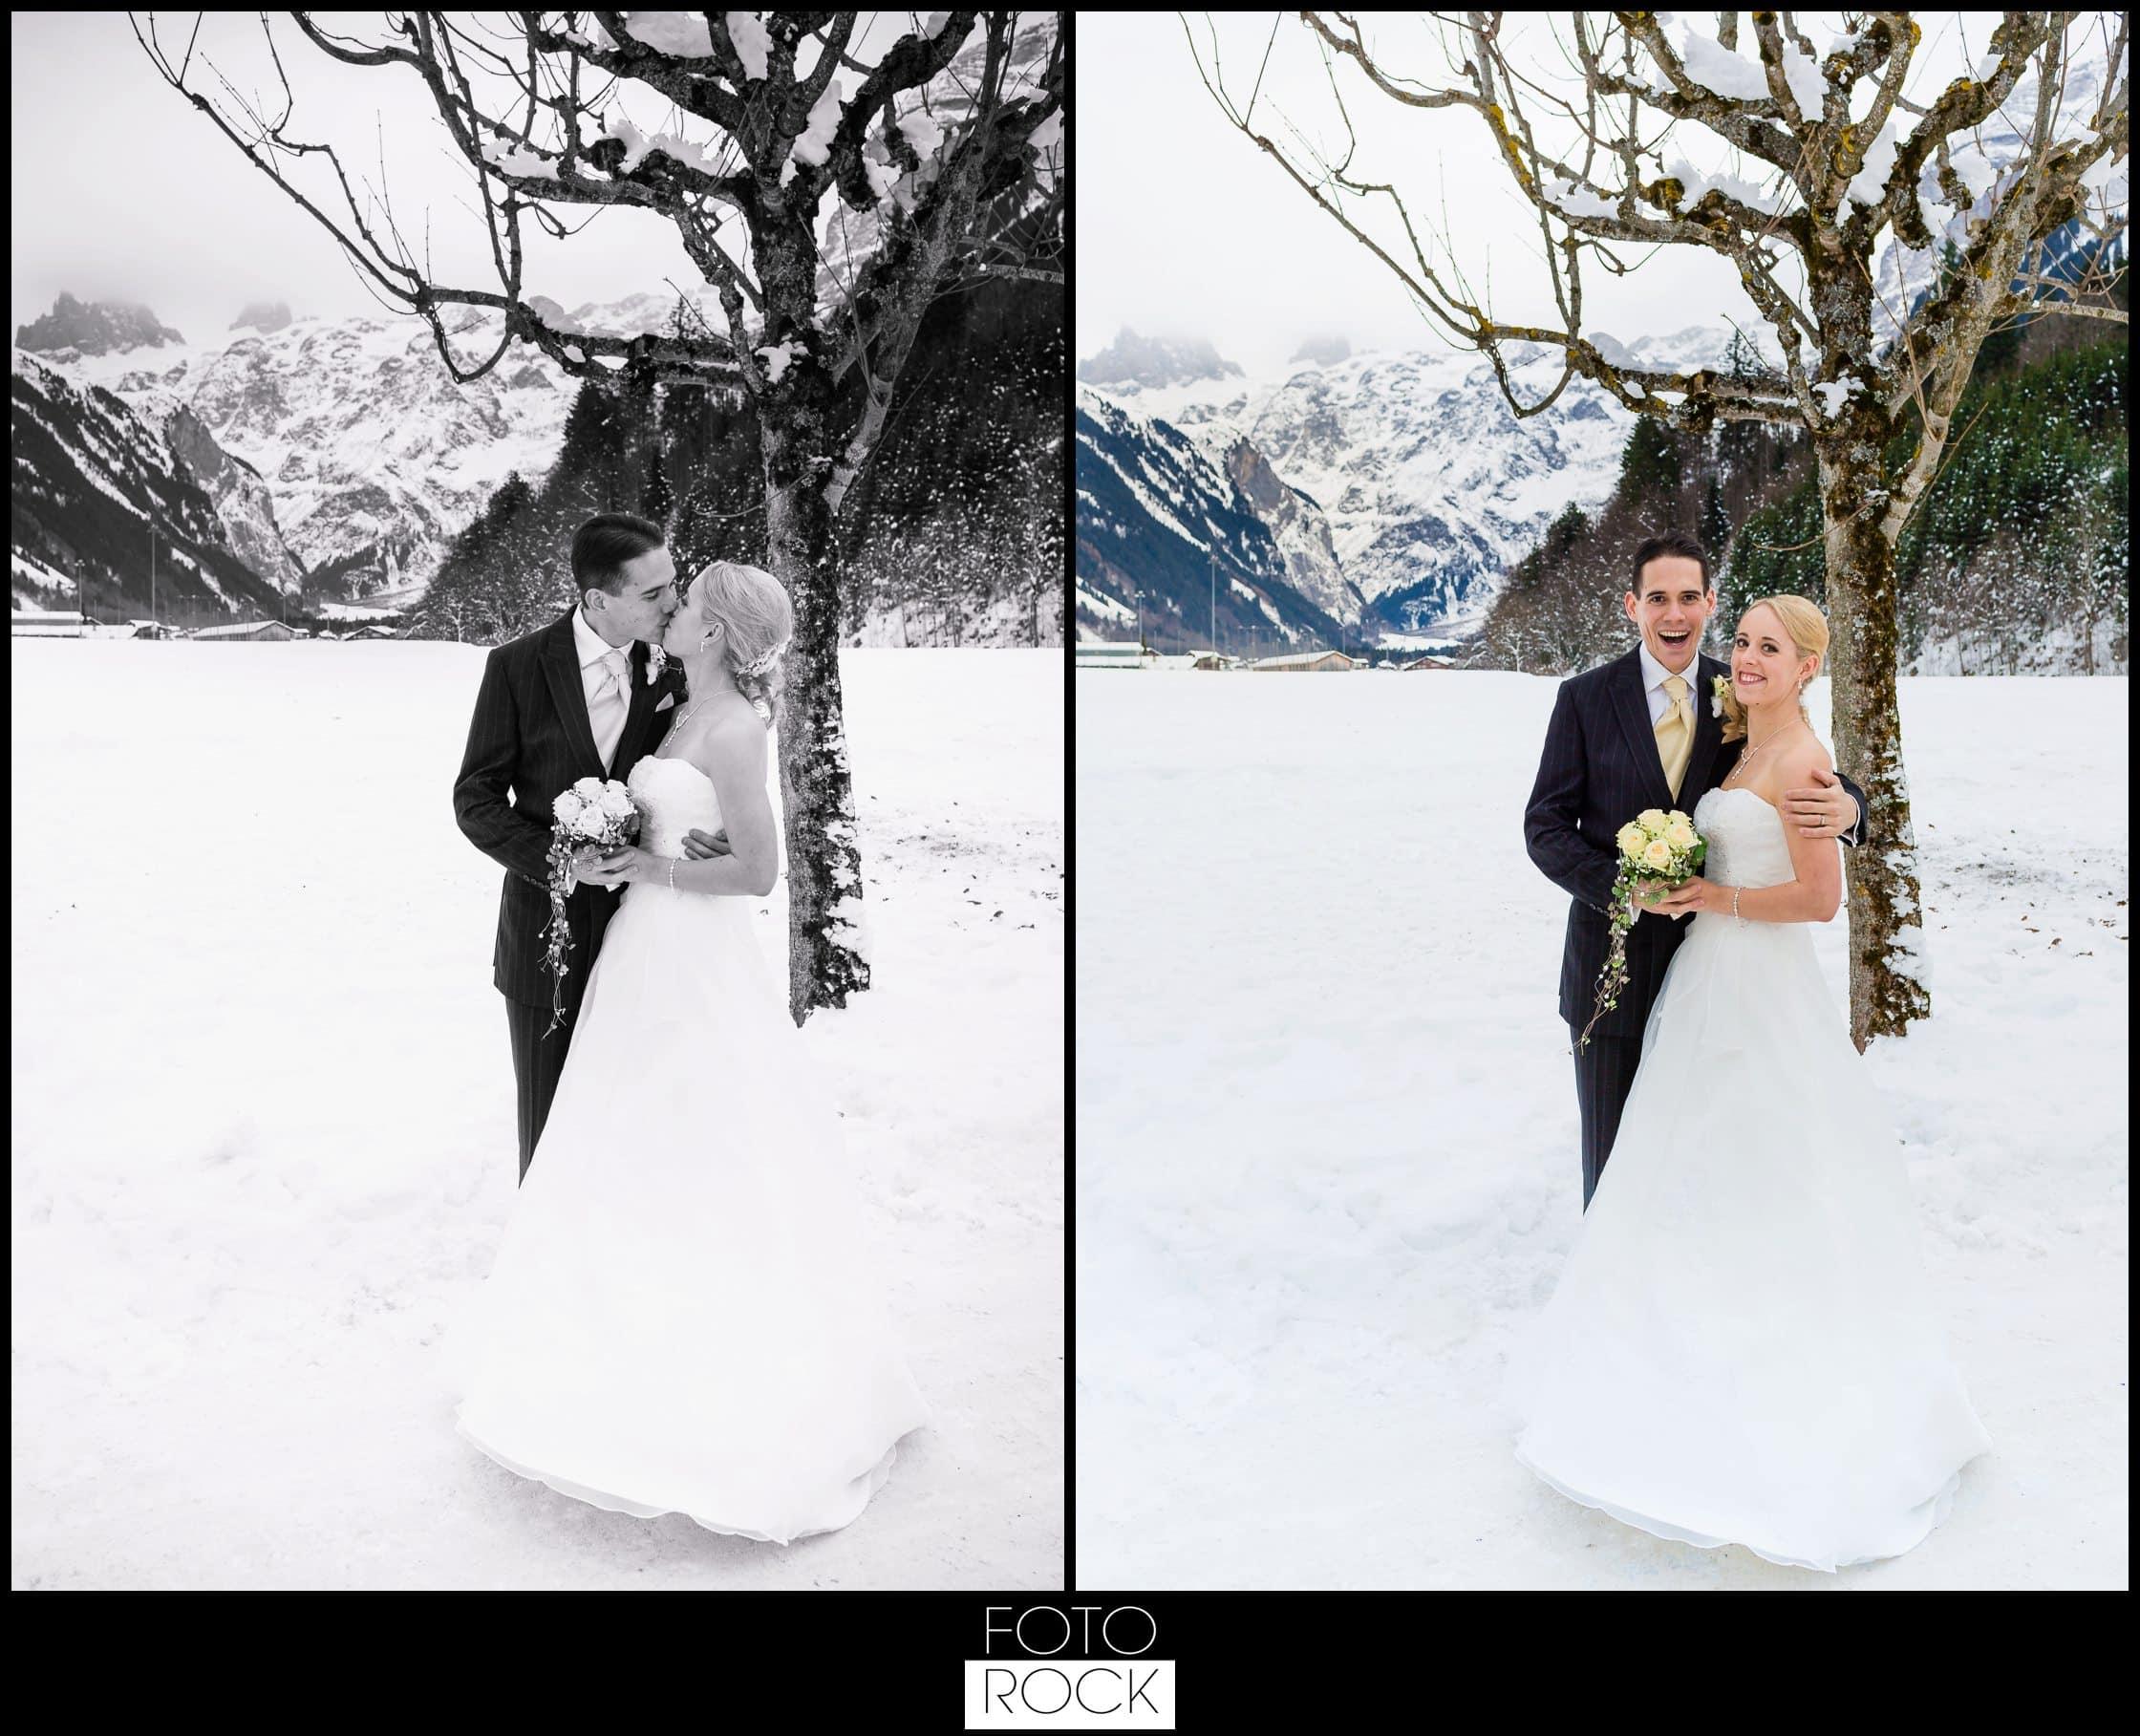 Hochzeit Winter Engelberg Brautpaar Panorama Landschaft Berge